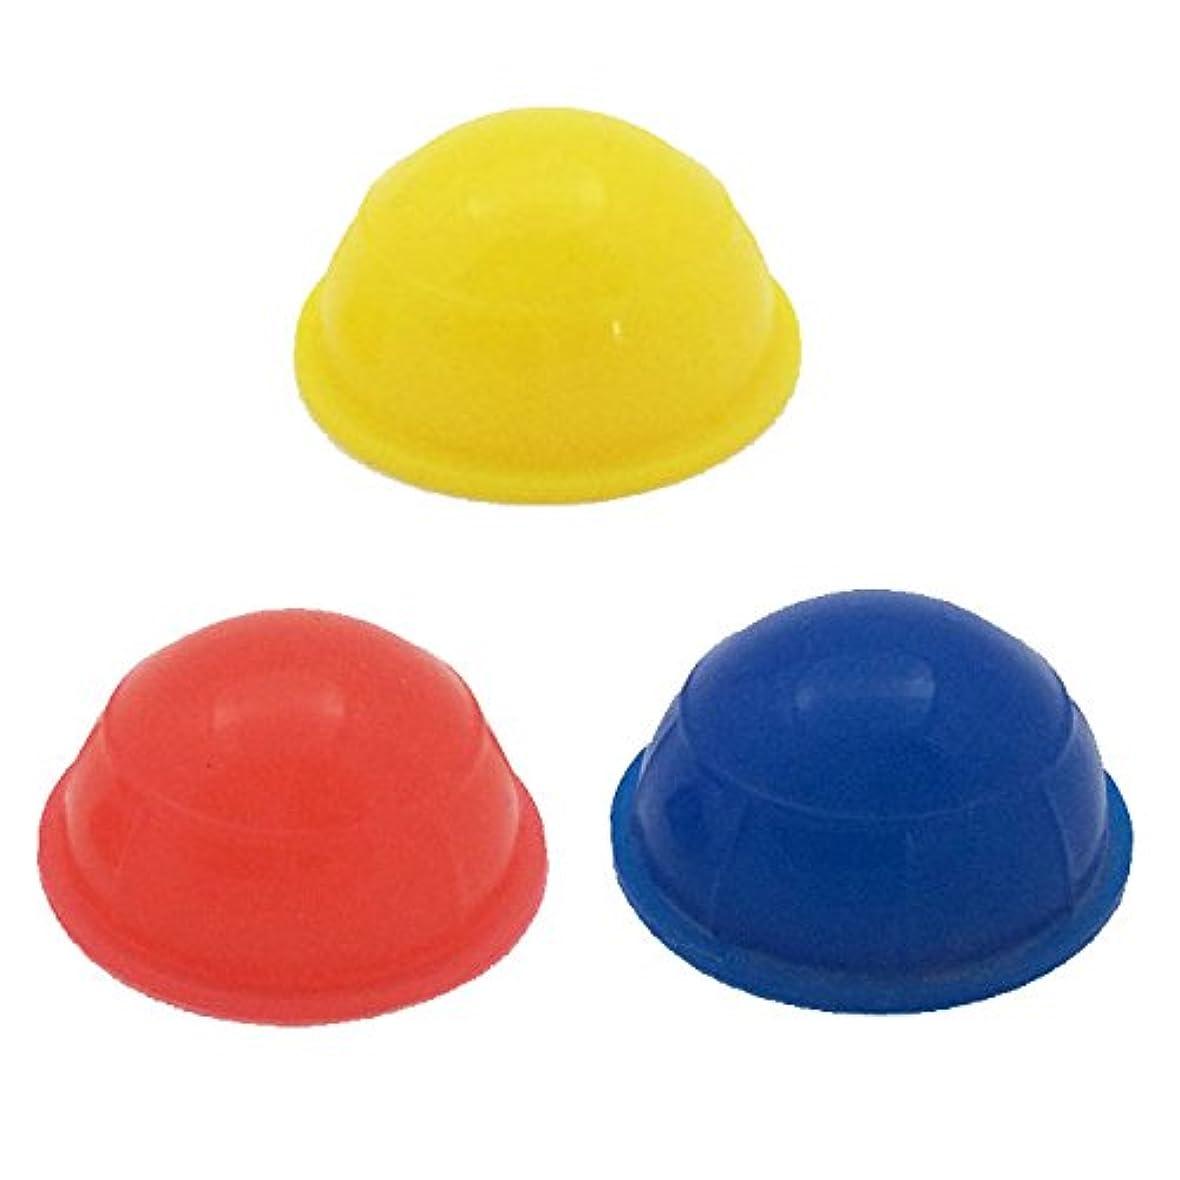 超ミニミニ吸い玉 3個セット シリコン製カッピング 直径3.5センチ